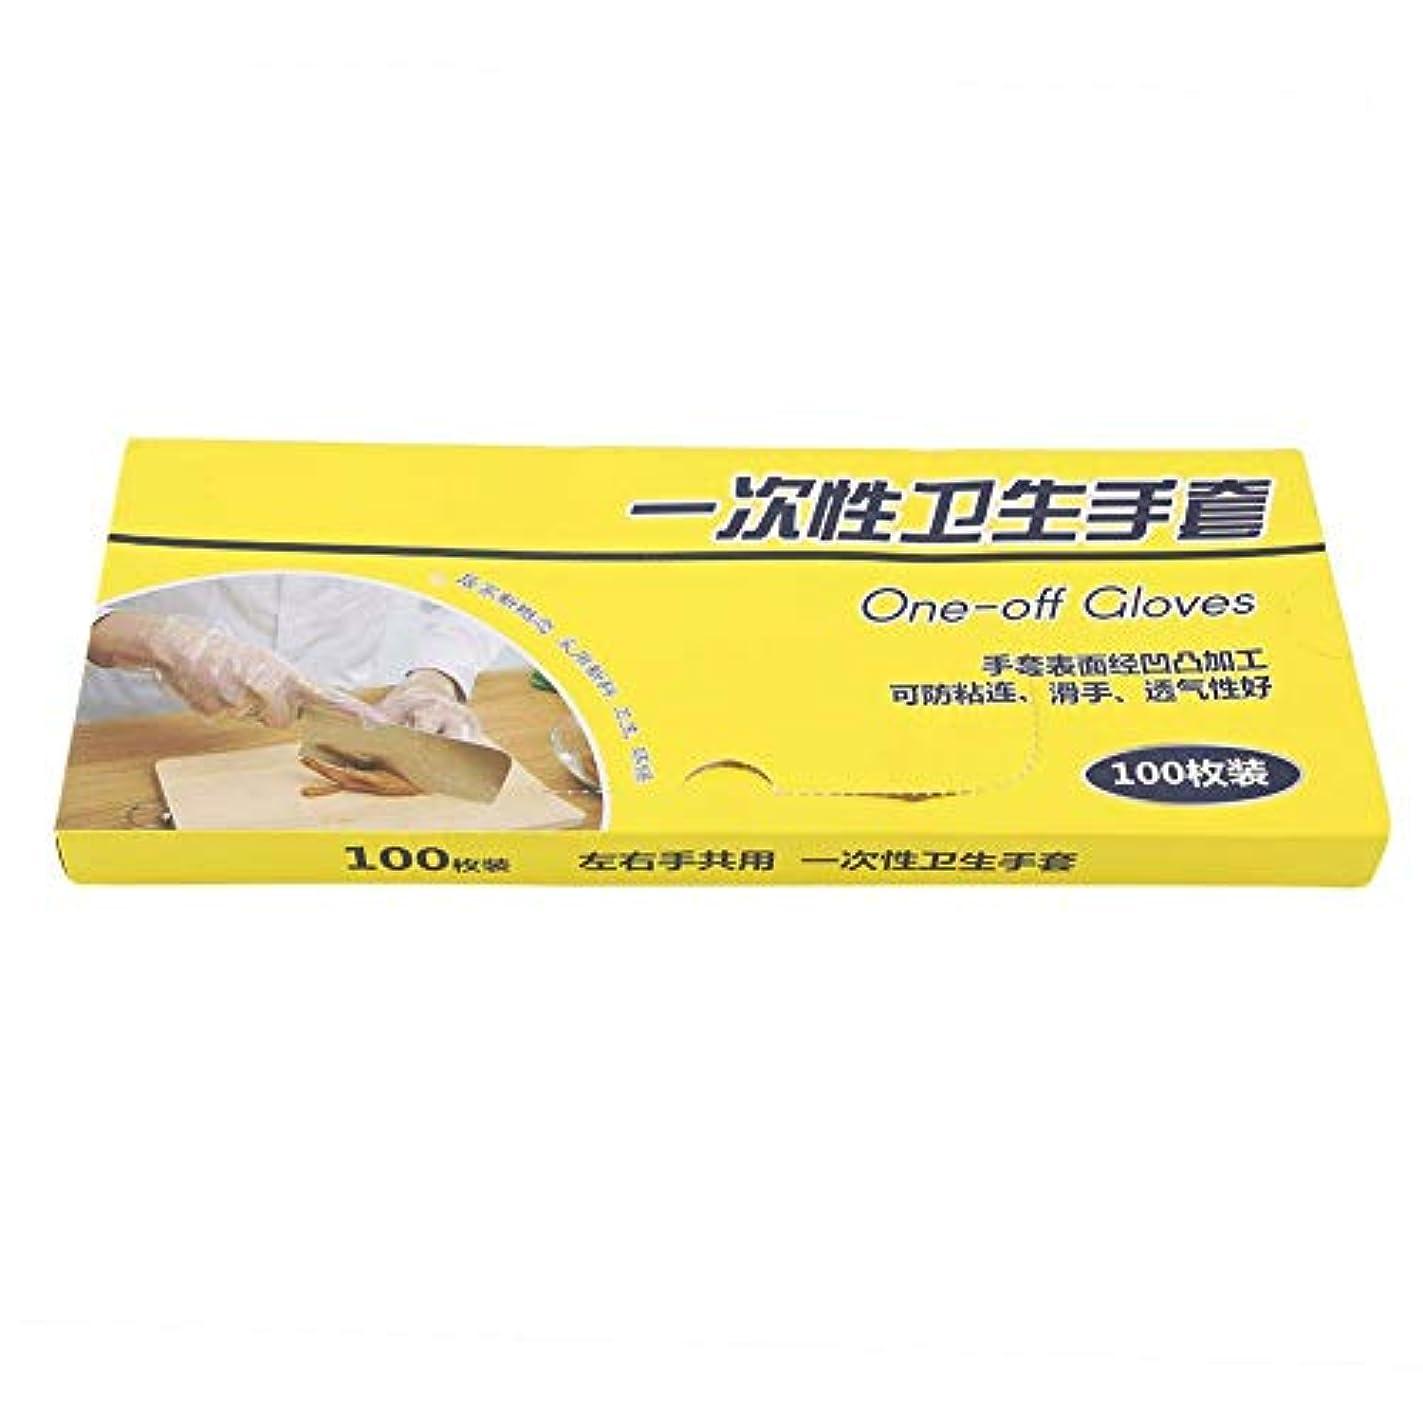 インポートライトニングほんの使い捨て手袋、100個/箱透明透明滑り止めは、バーベキュー看護染め髪を調理するための使い捨て手袋を厚くします